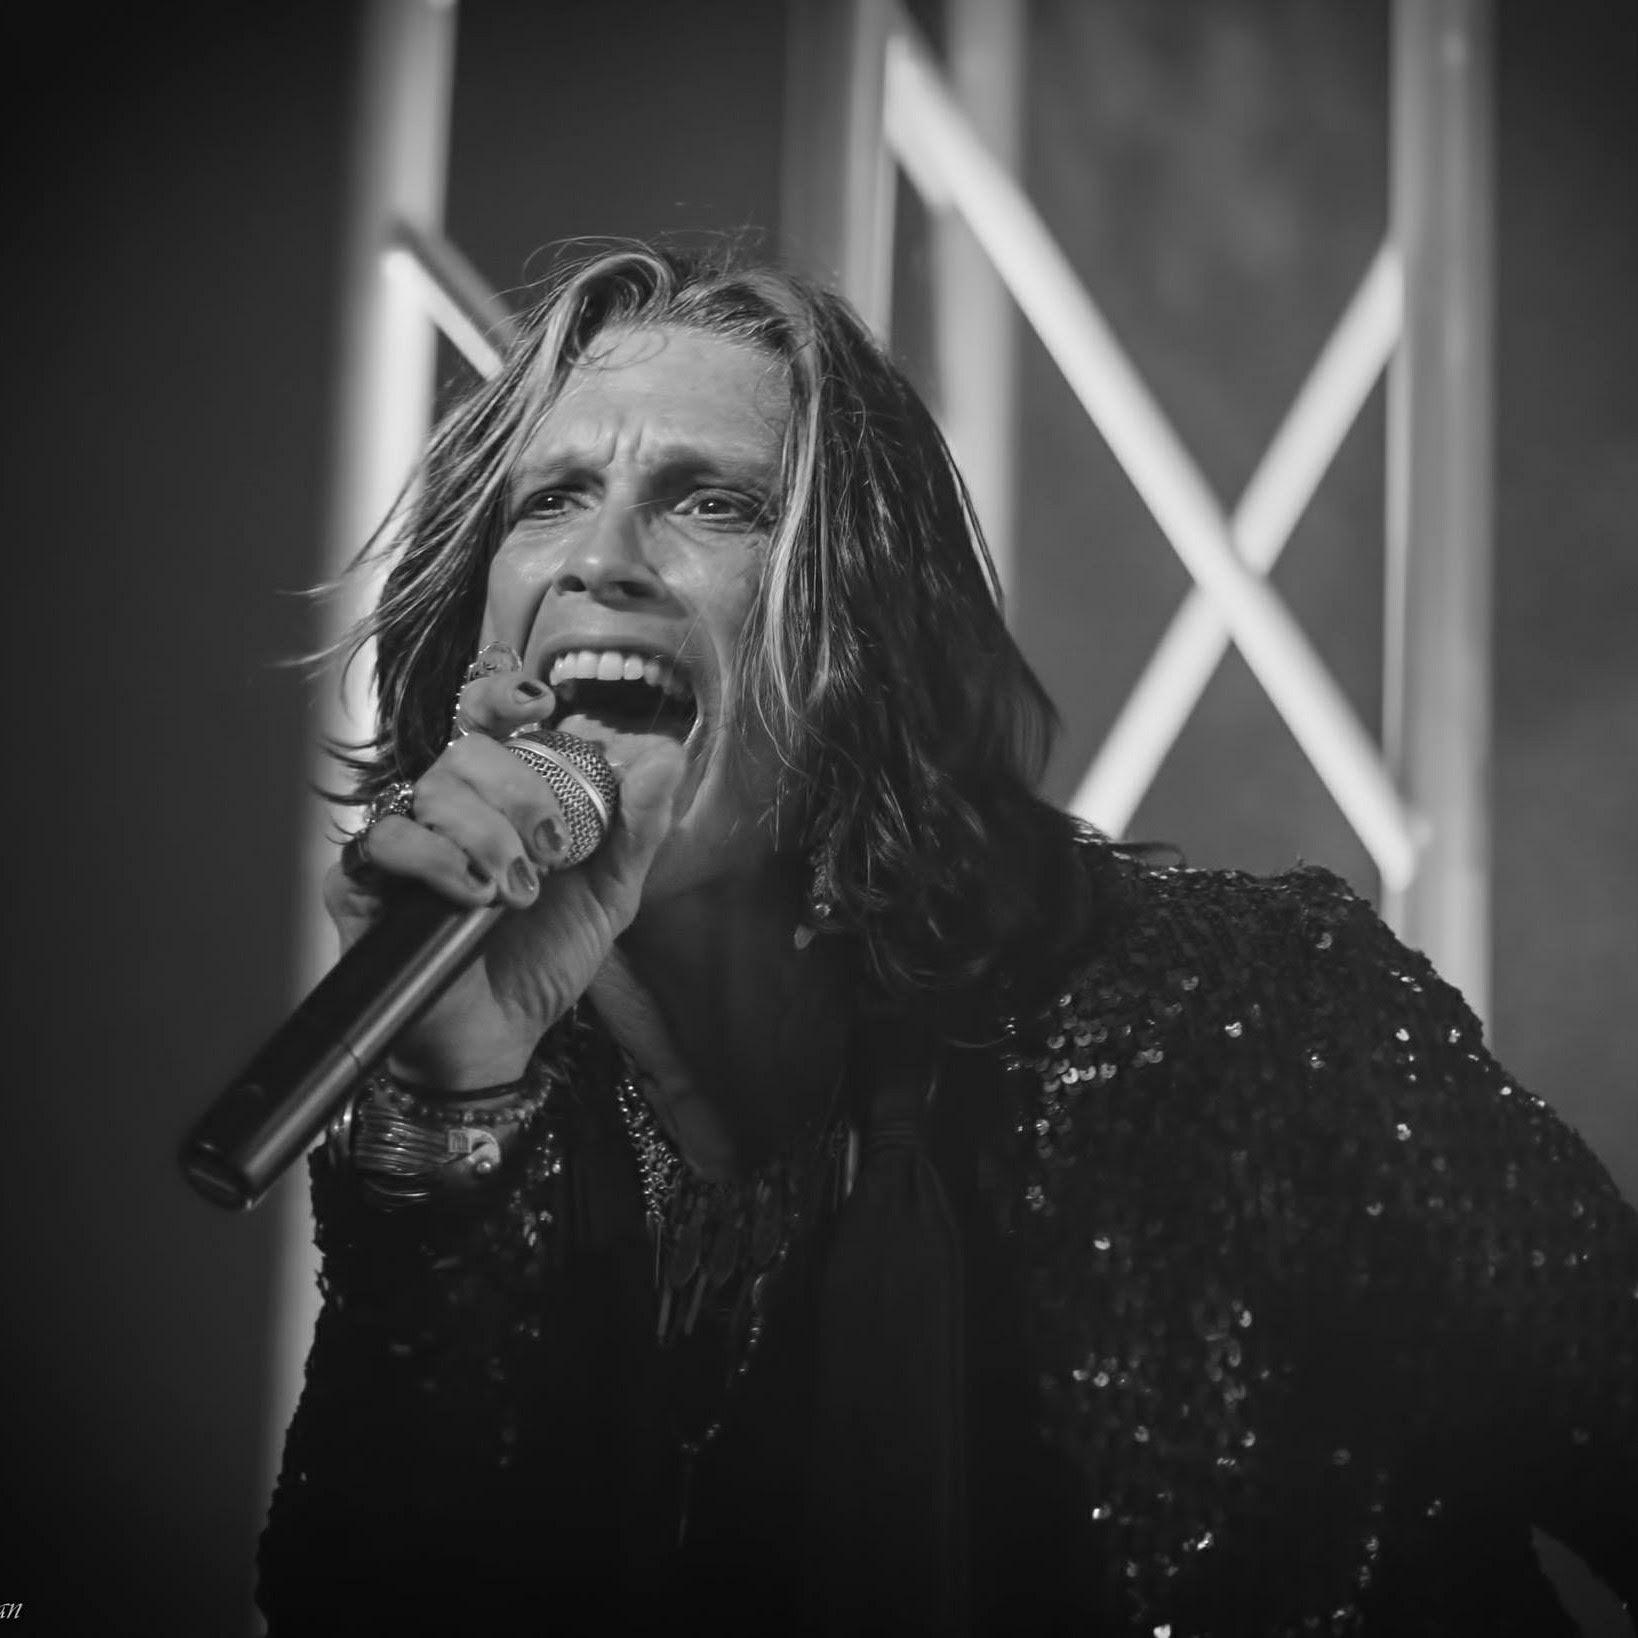 Steven Tyler Aerosmith Impersonator